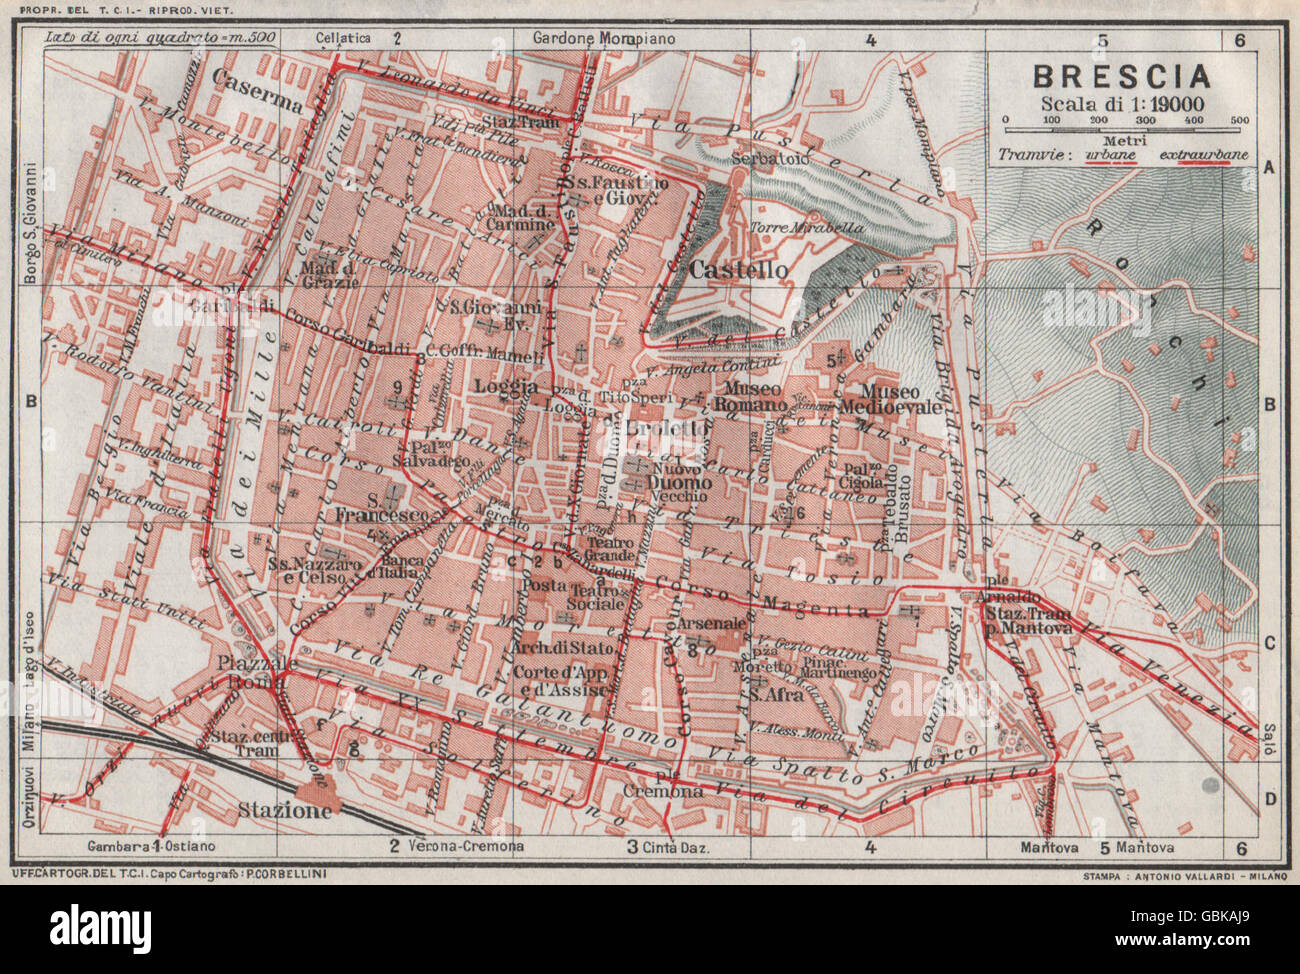 Italy Map 20th Century Stock Photos Italy Map 20th Century Stock